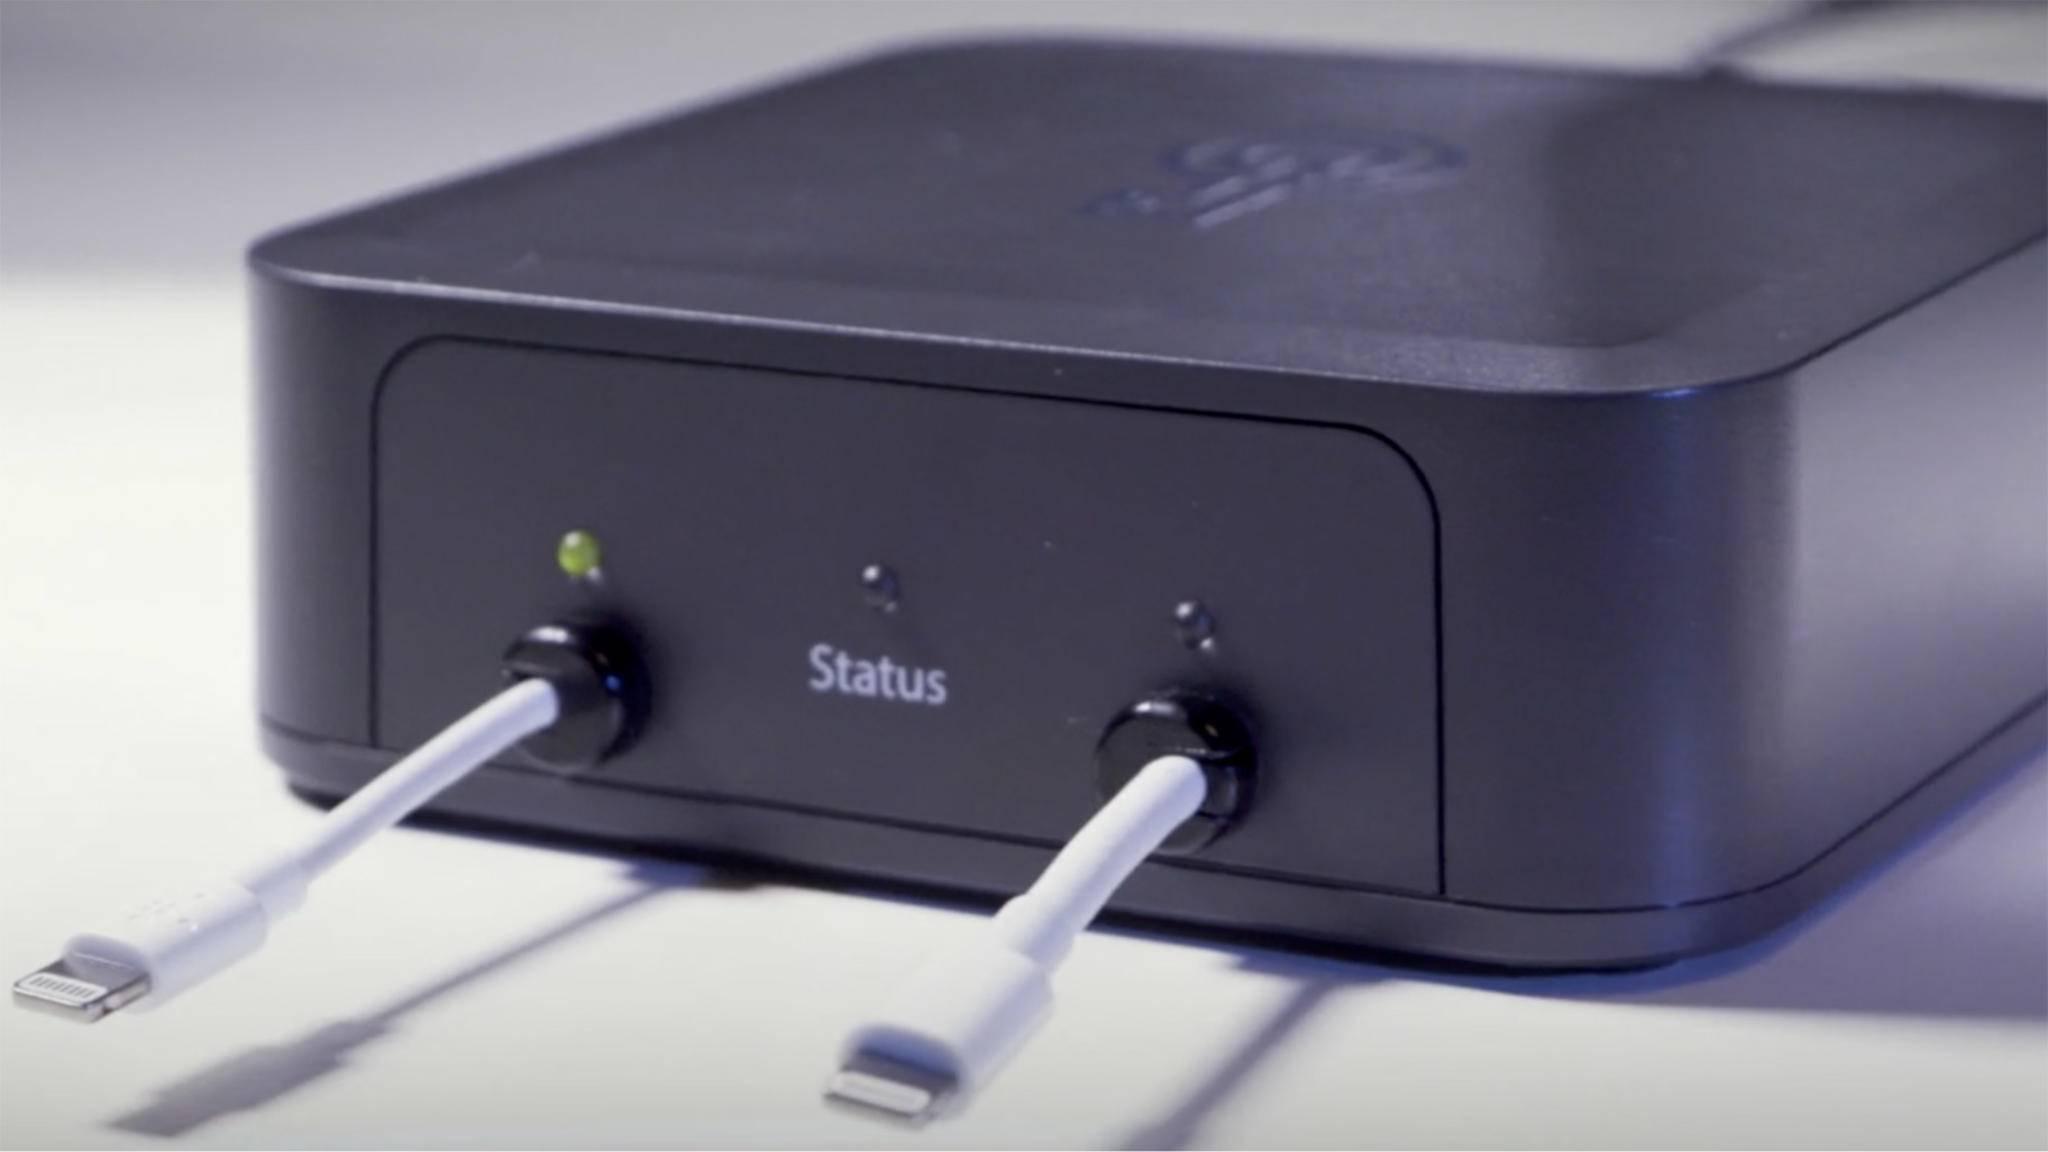 Braucht nur einige Stunden, um einen 6-stelligen iPhone-PIN zu knacken: Die Hacker-Box GrayKey.